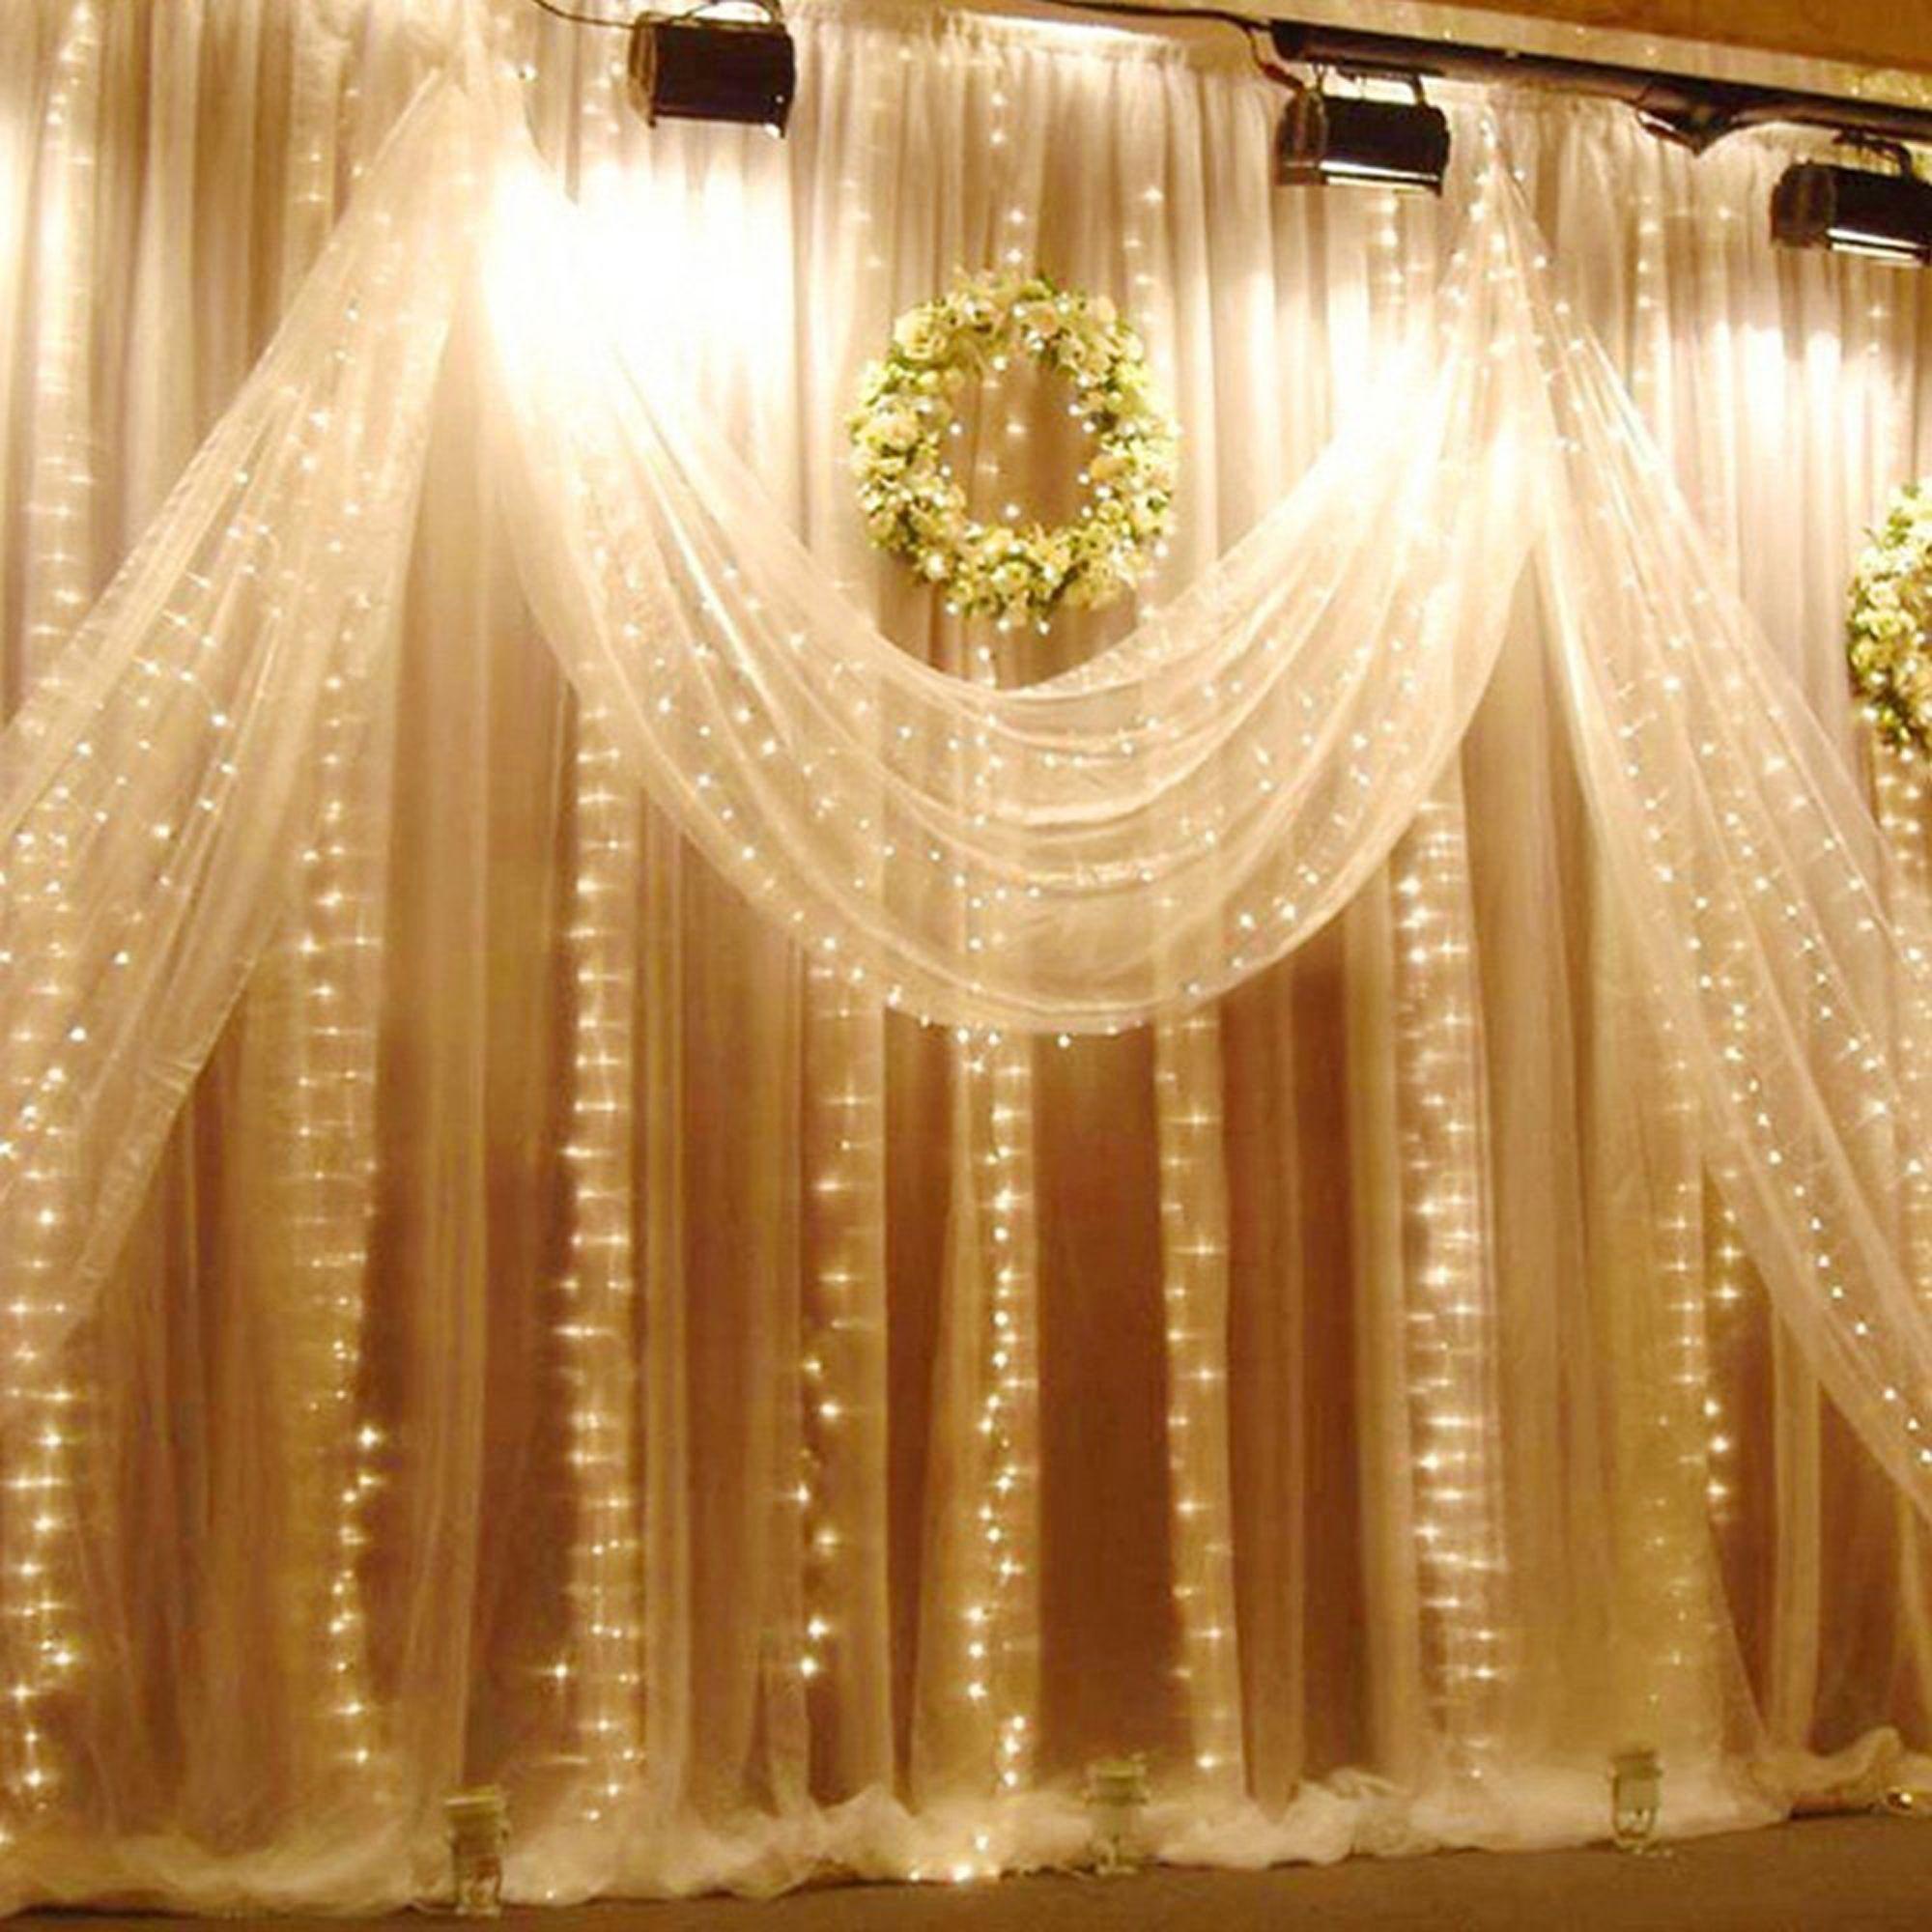 Grune Led Weihnachten Leuchten Led Seil Leuchten Walmart Weihnachtsbaum Led Leuchten Verkauf Batterie Hochzeit Beleuchtung Weihnachten Licht Led Lichtervorhang